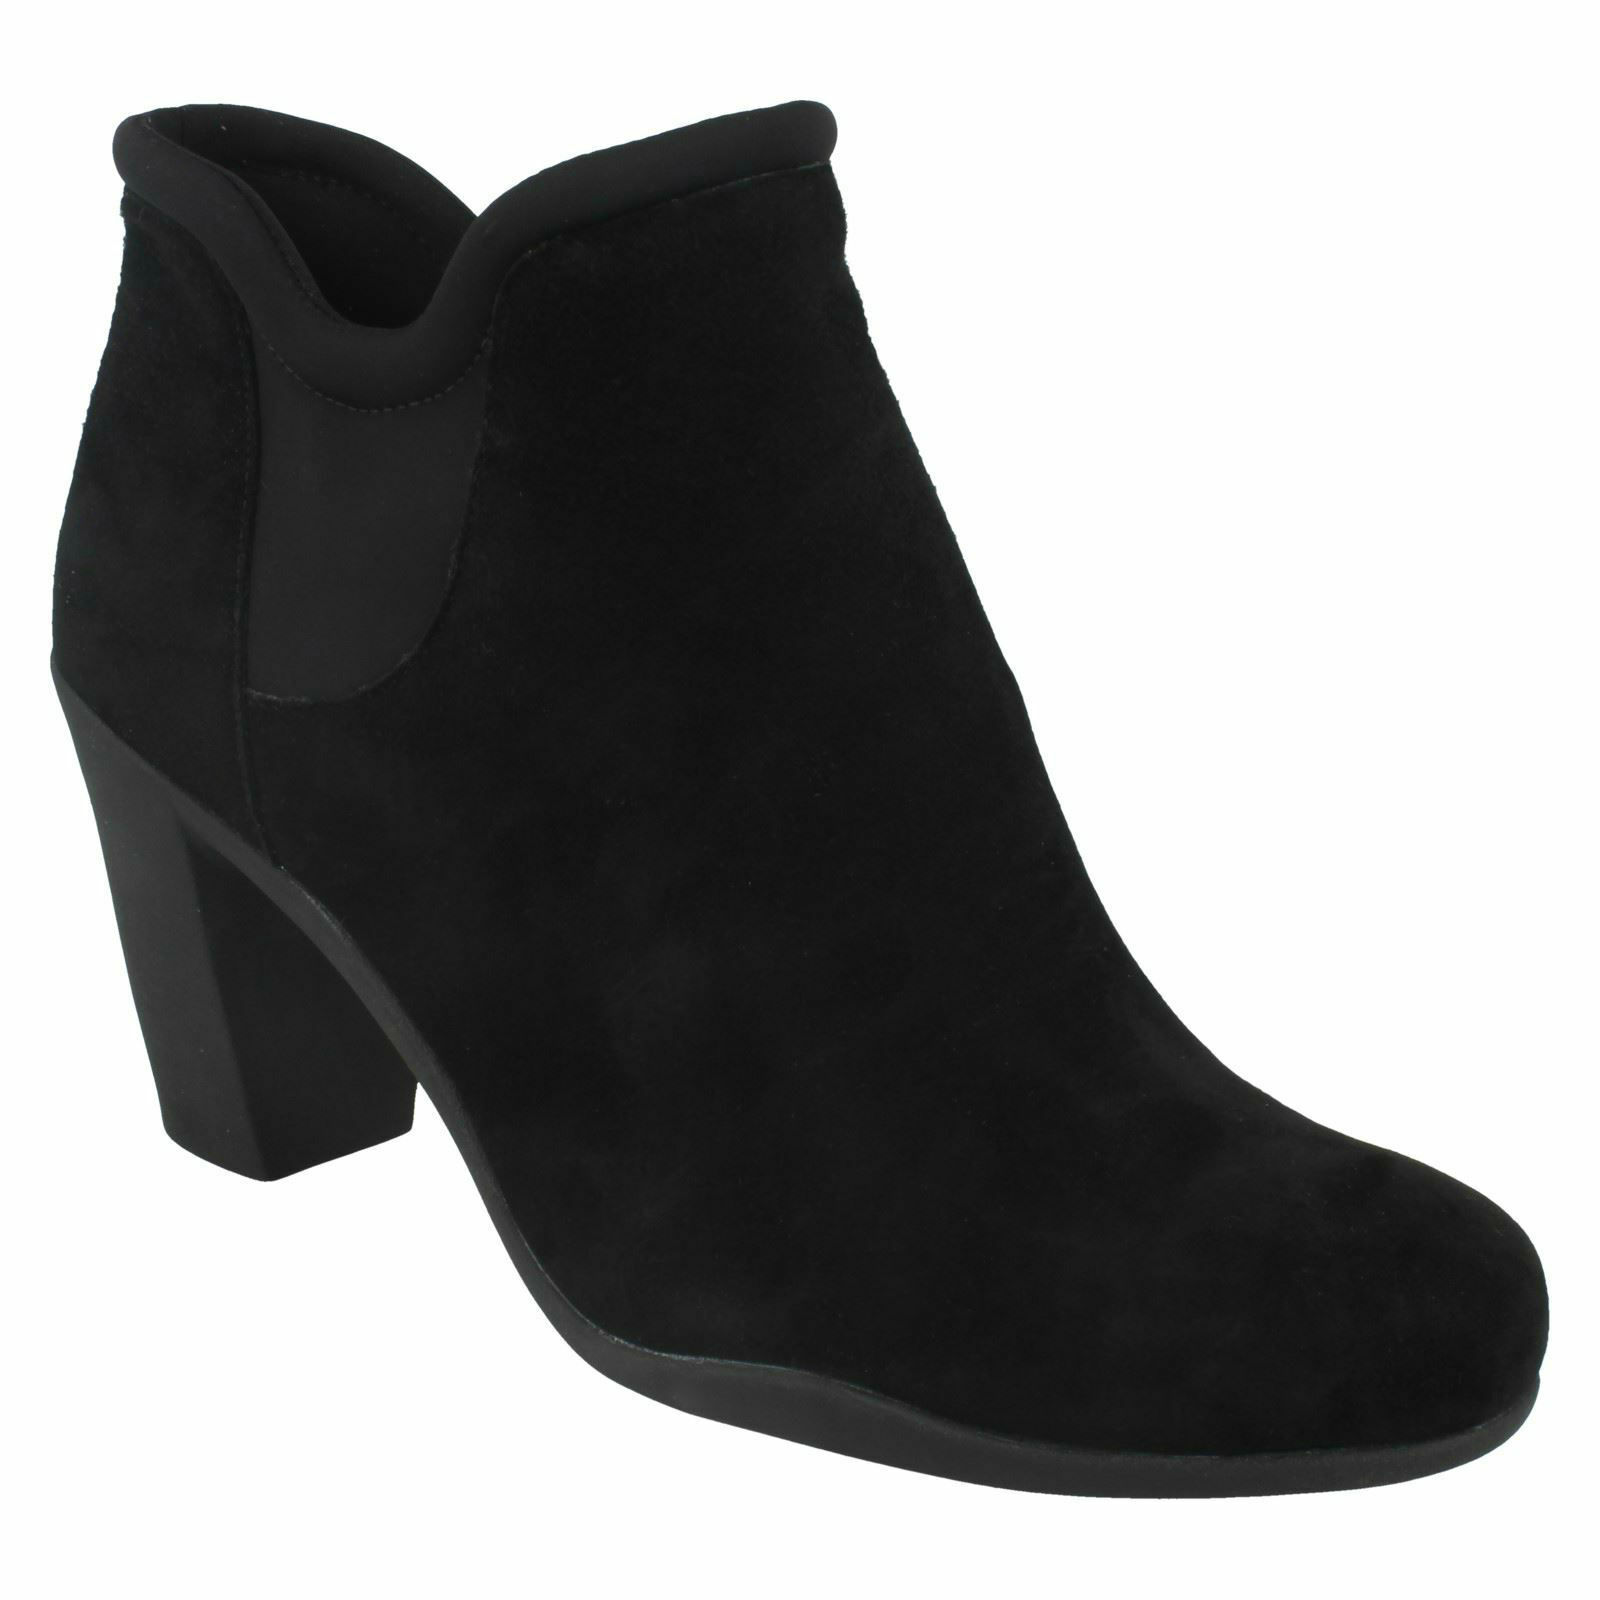 Adya Bella Gamuza Negra Para Damas Clarks Tacón Alto botas al Tobillo inteligente de cuero tire de